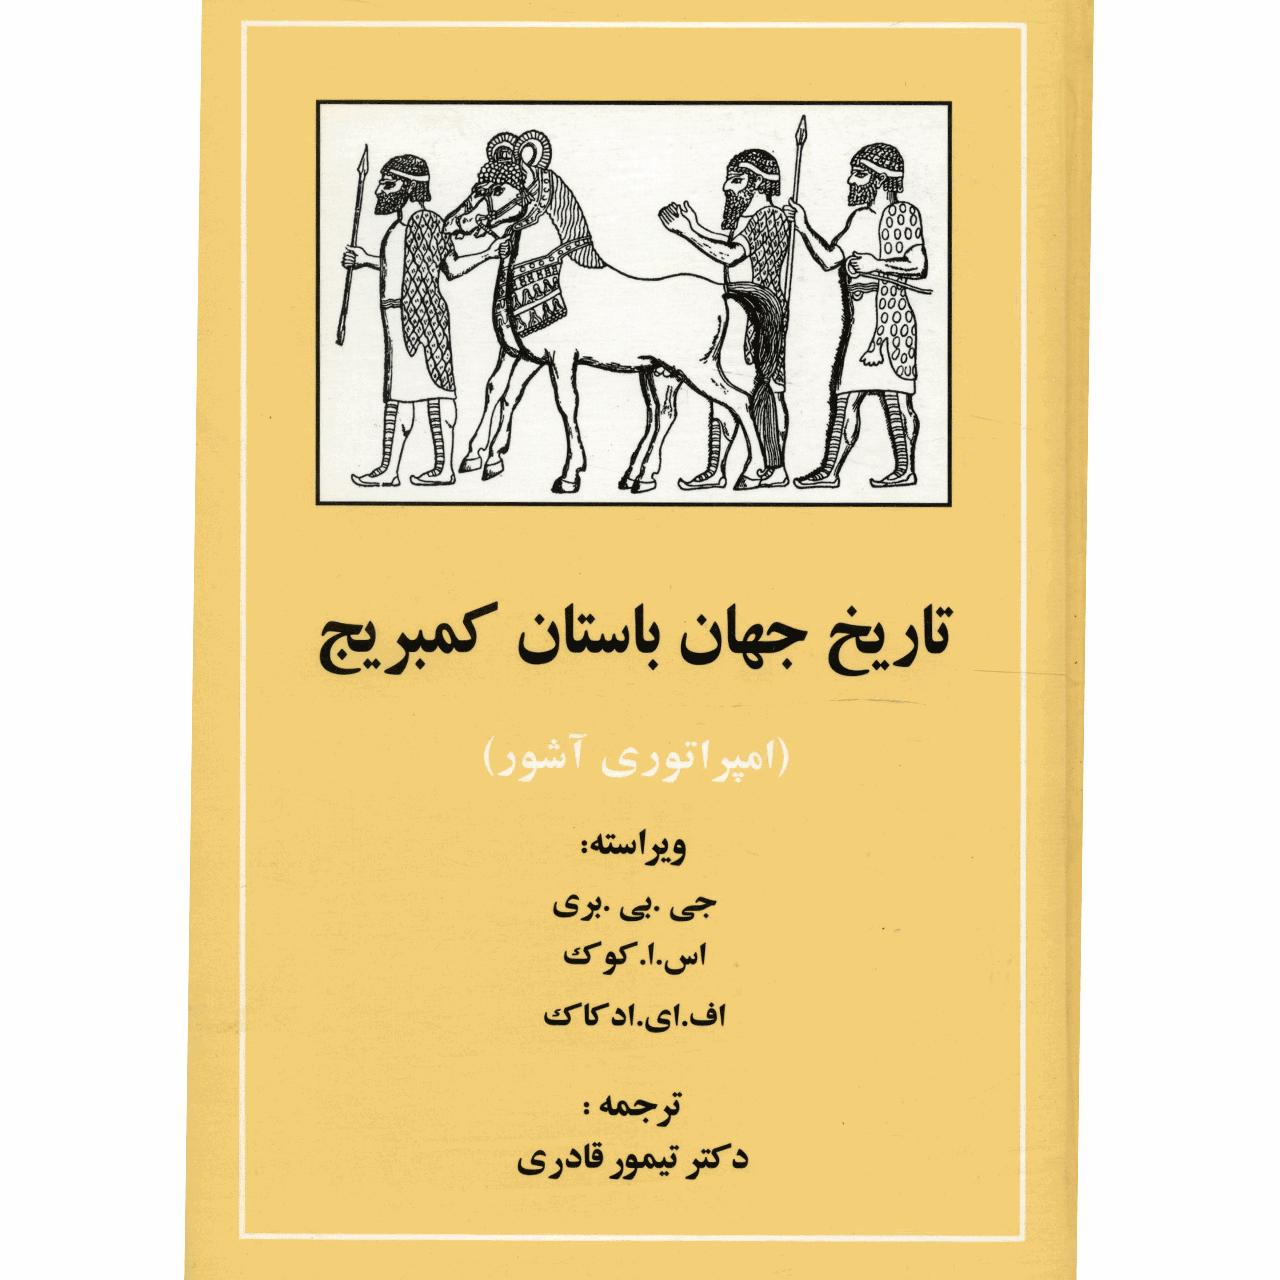 خرید                      کتاب تاریخ جهان باستان کمبریج امپراتوری آشور اثر جمعی از نویسندگان